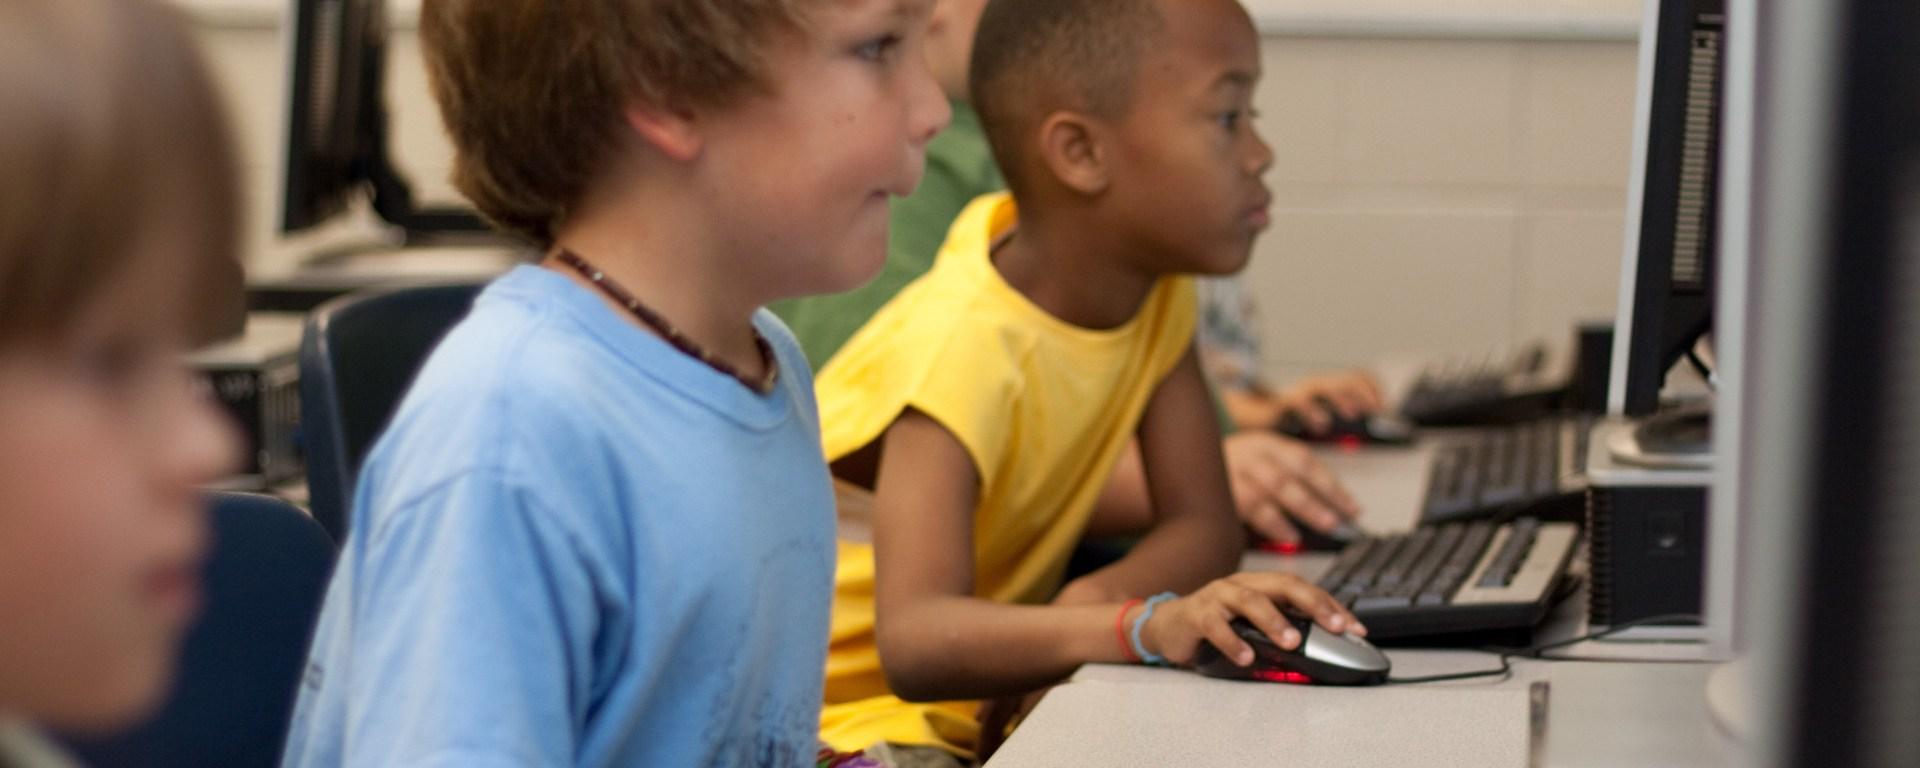 connecticut public magnet schools